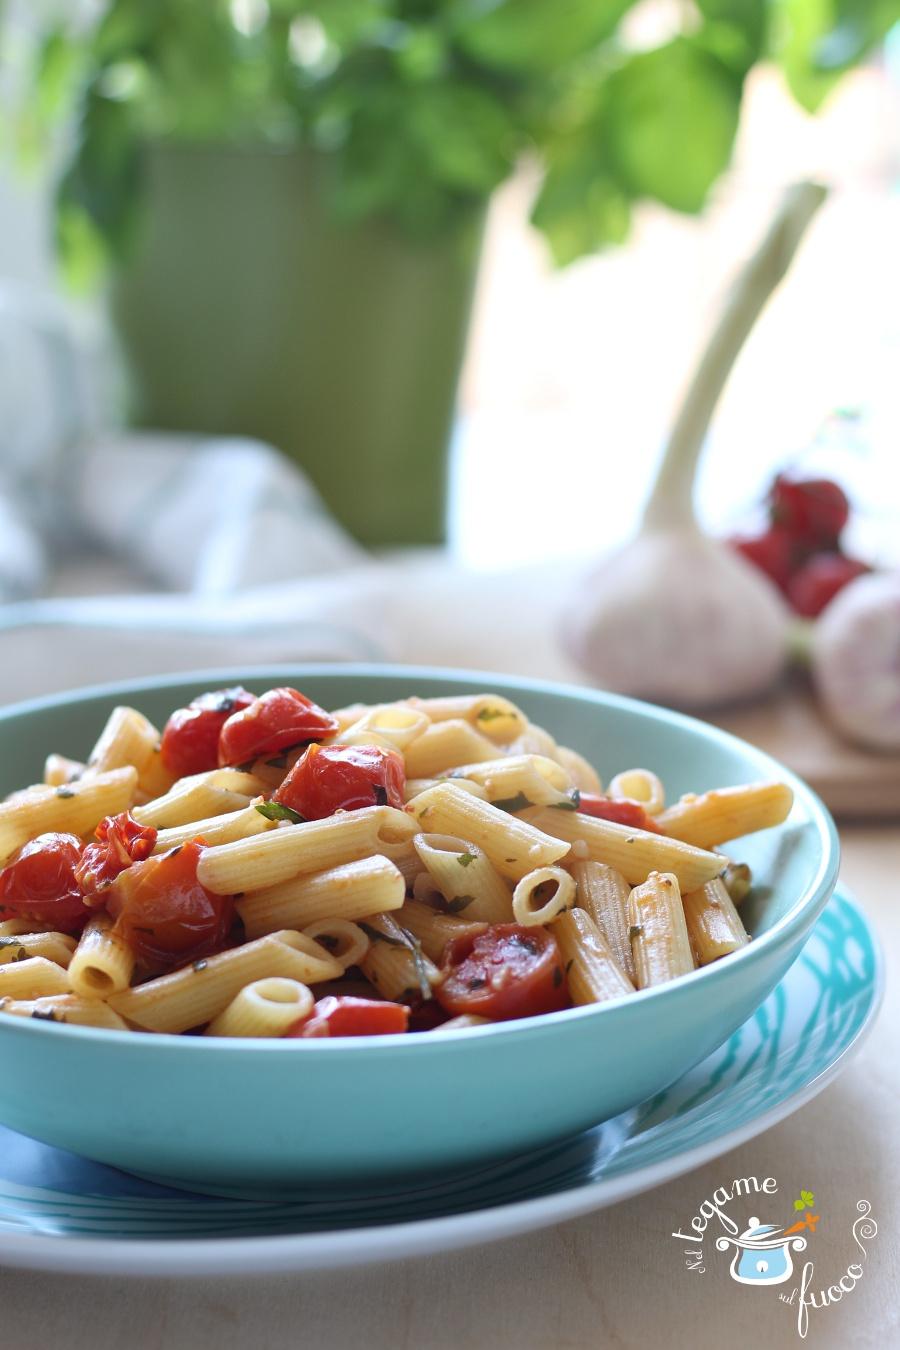 pasta al pesto di acciughe aglio e prezzemolo con pomodorini